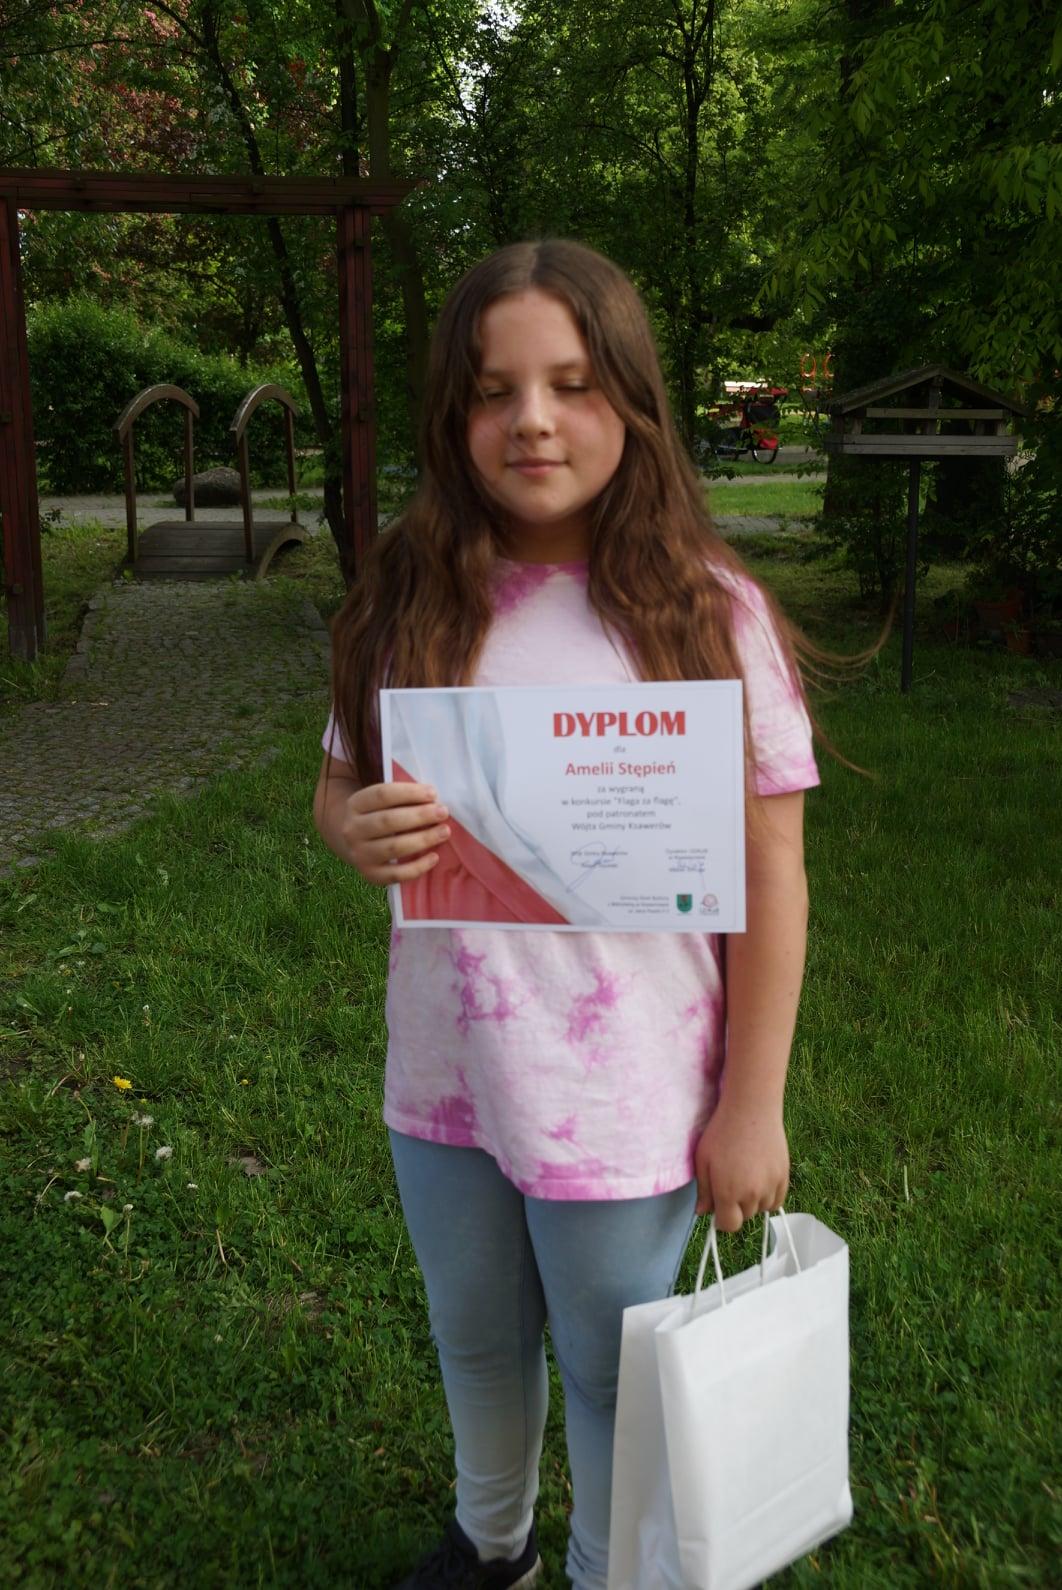 dziewczynka w długich włosach stojąca z papierową torebką i dyplomem w dłoni. W tle drzewa